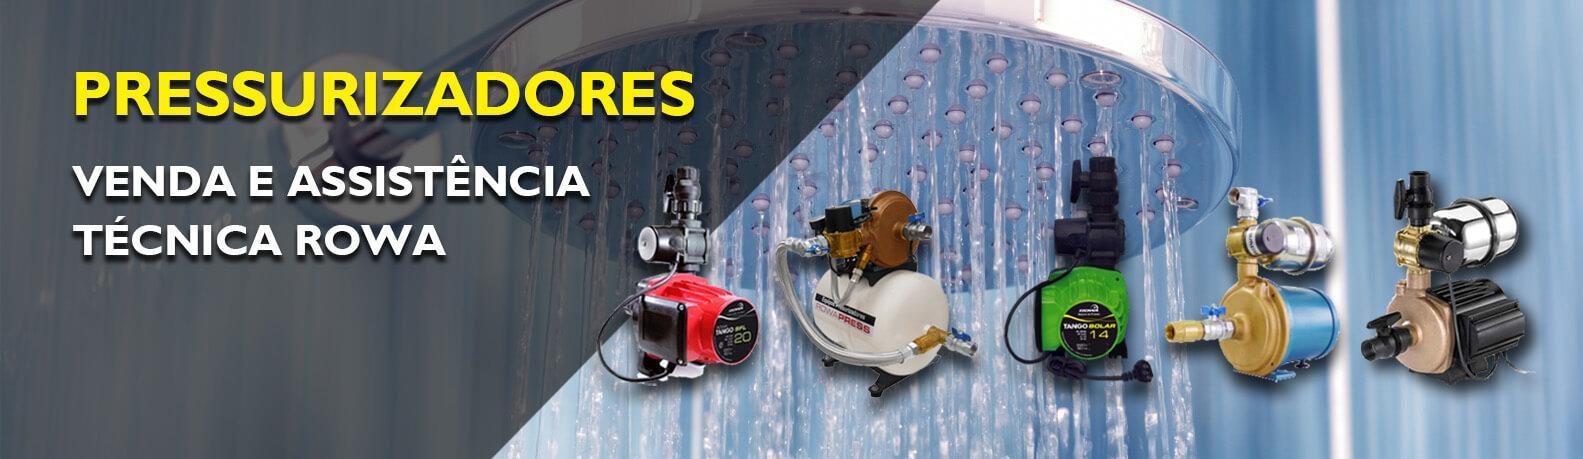 Pressurizadores, venda e assistência técnica rowa